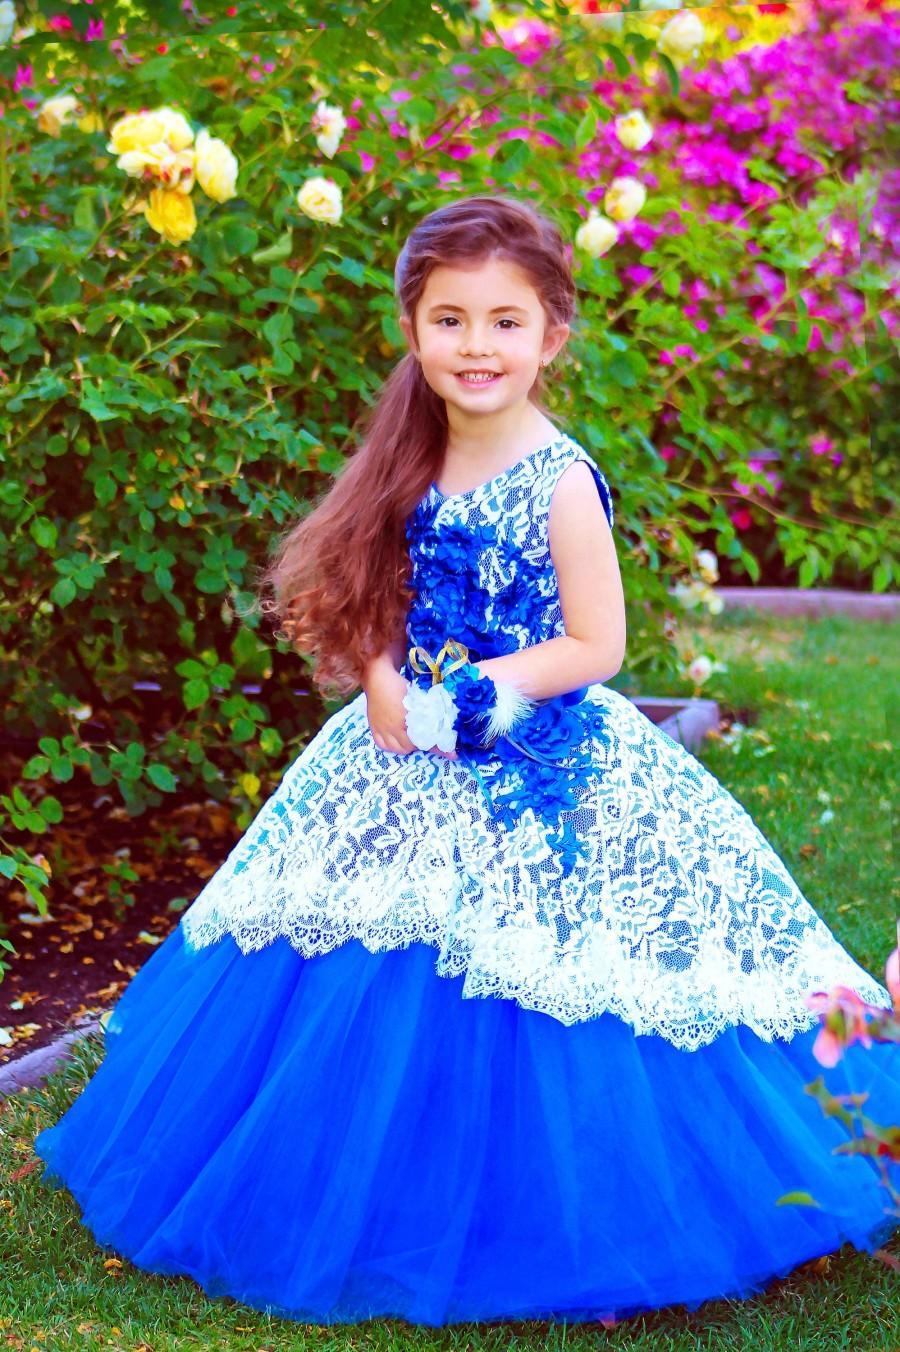 زفاف - Royal Blue Flower girl dress Tulle Princess party girls